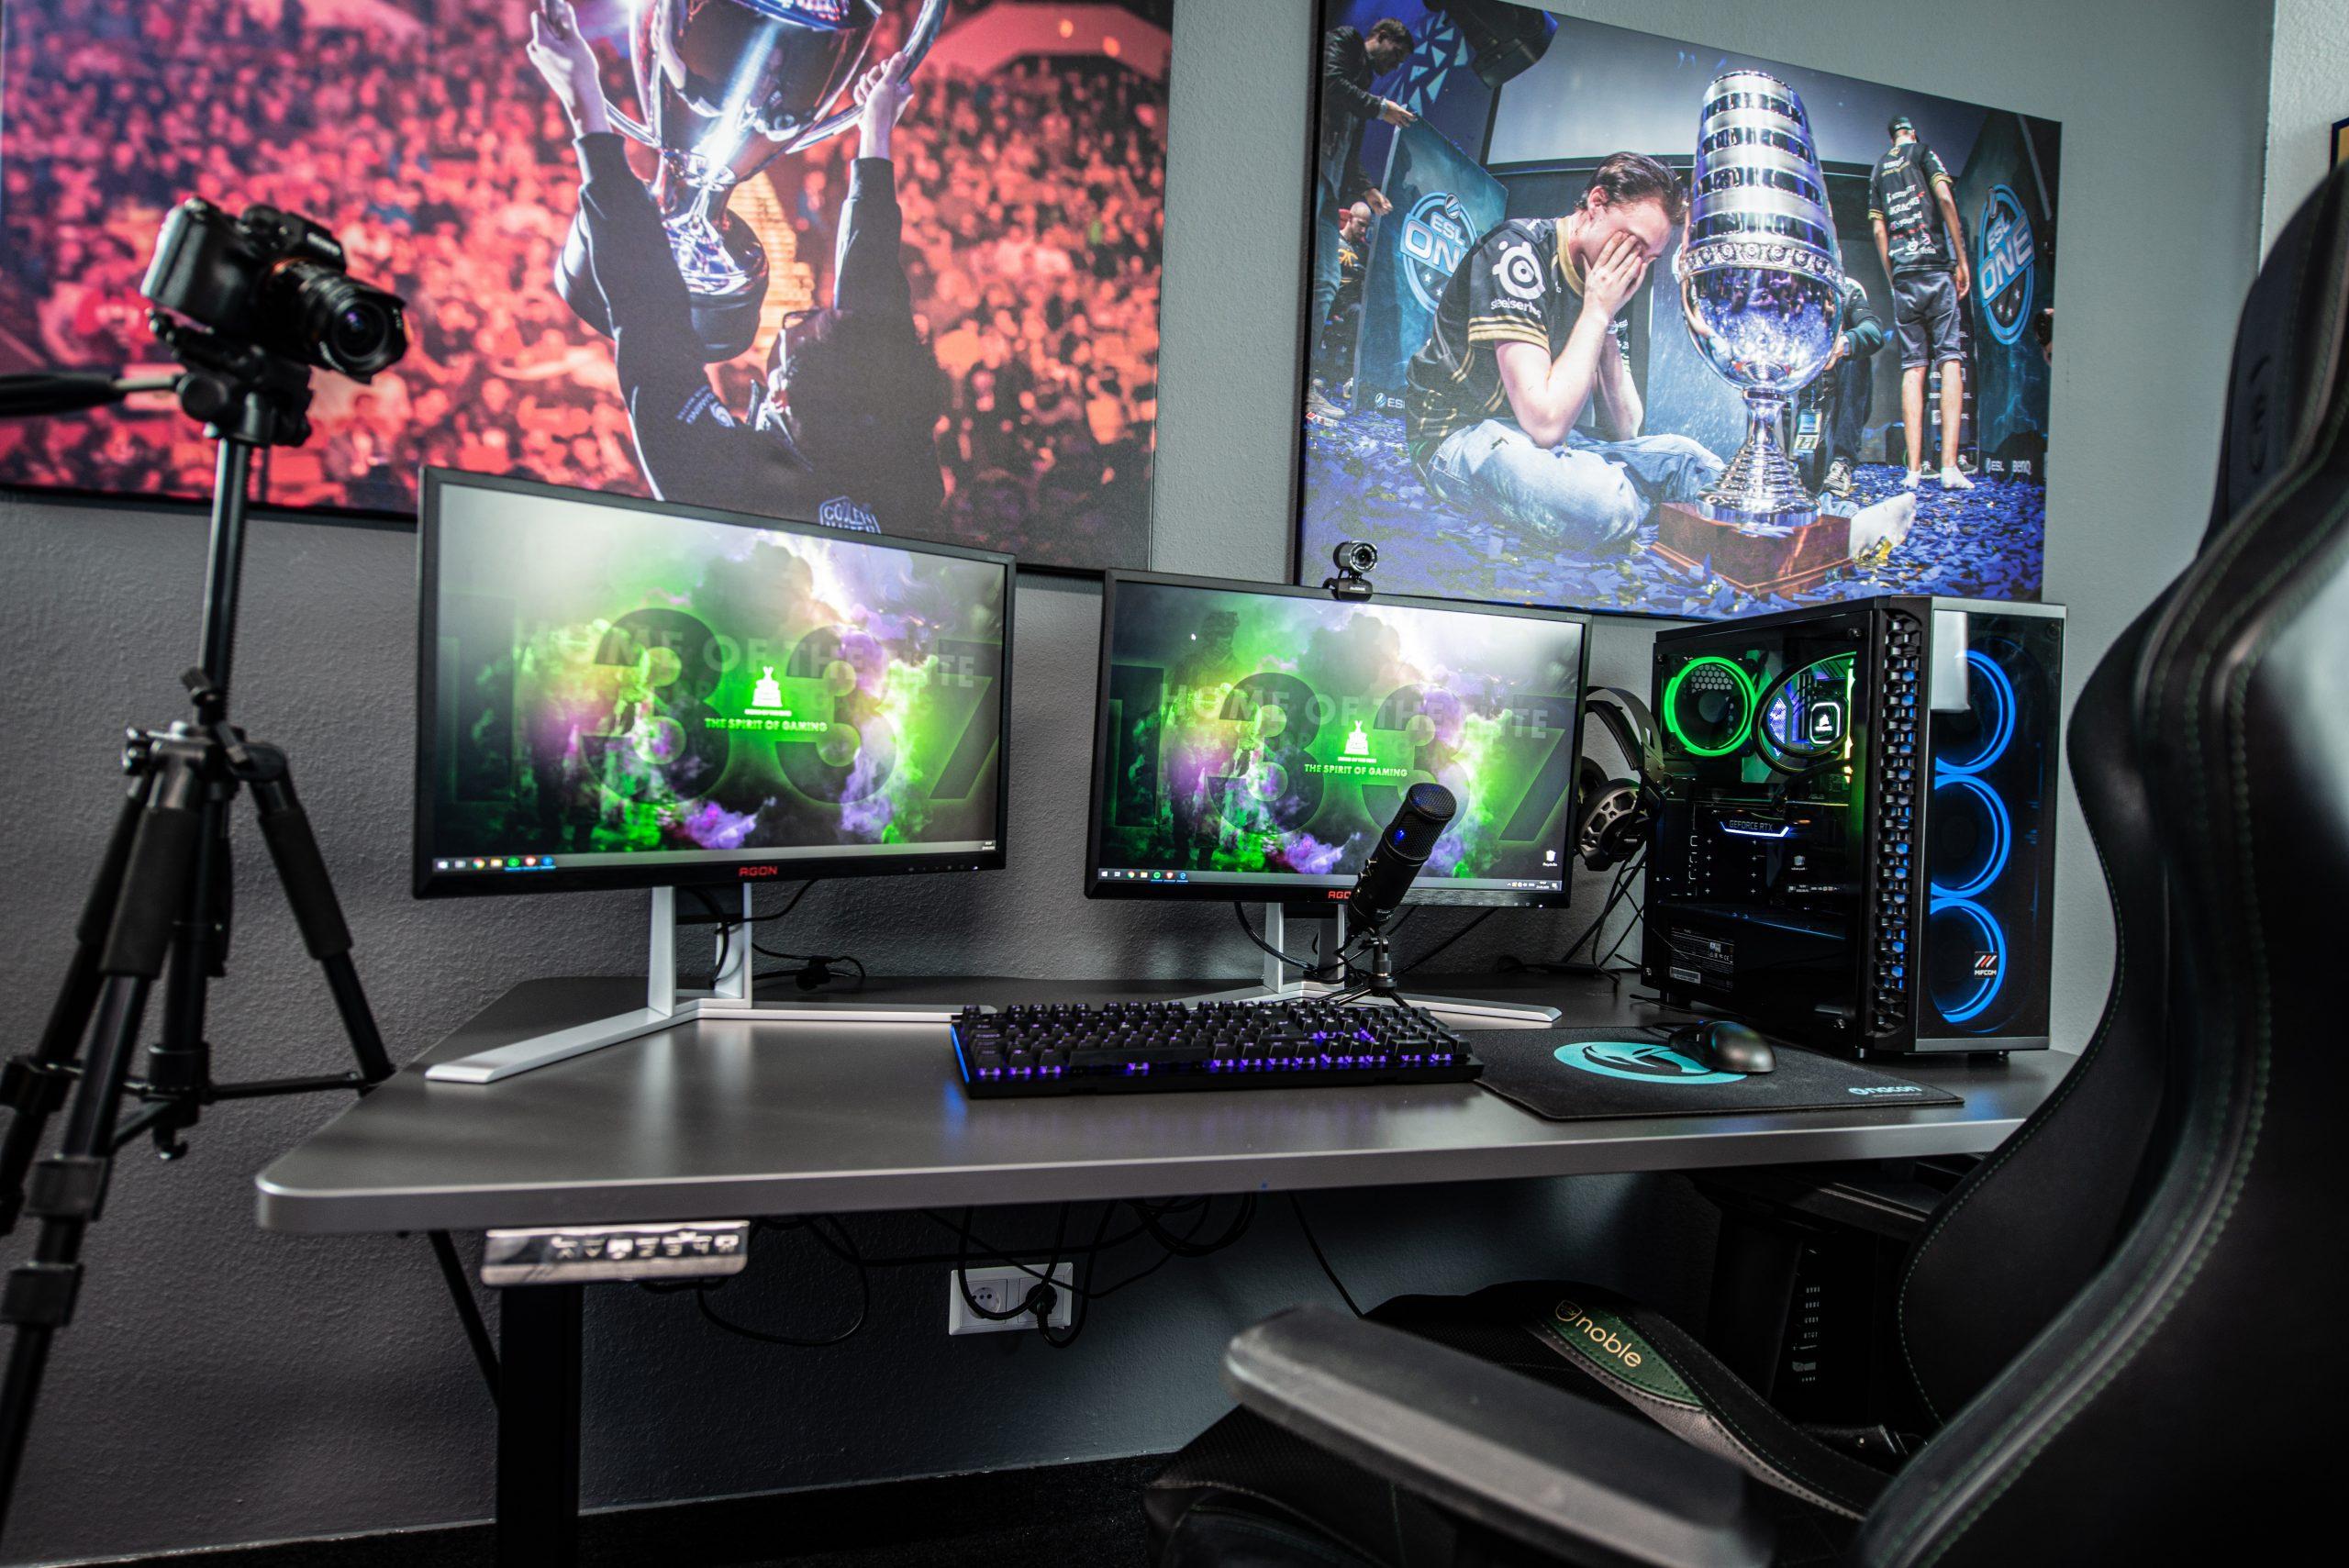 Espaço gamer profissional equipado com mesa gamer na cor cinza e computador gamer e demais periféricos na cor preta